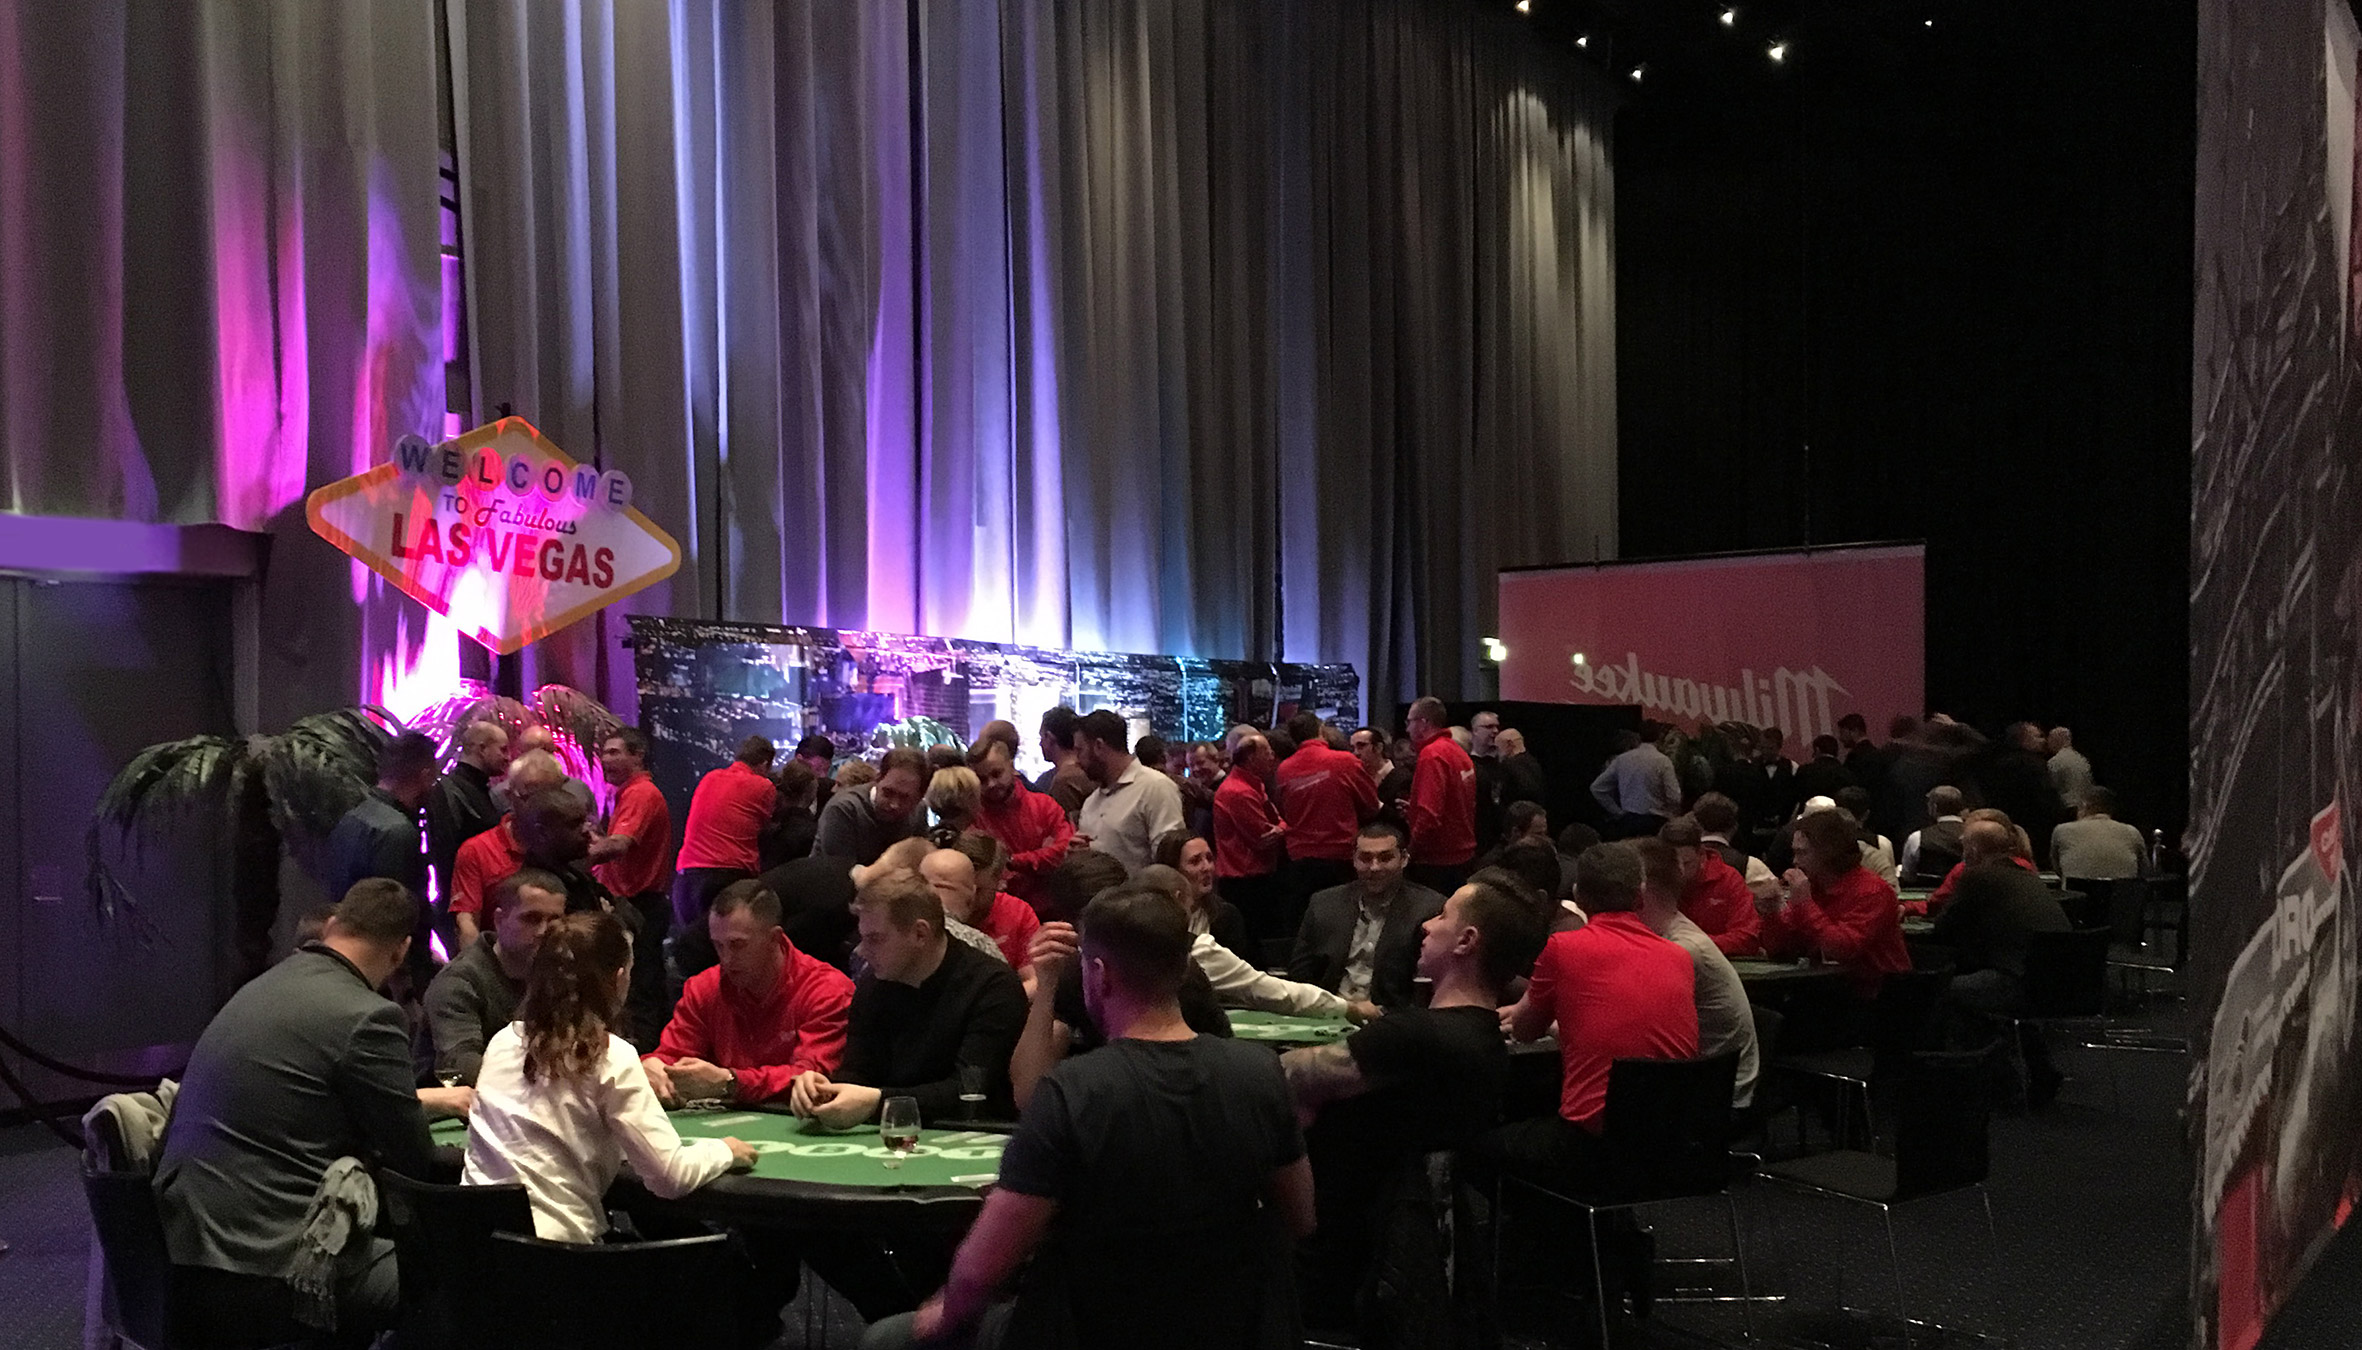 casino-event-bella-center-cph.21